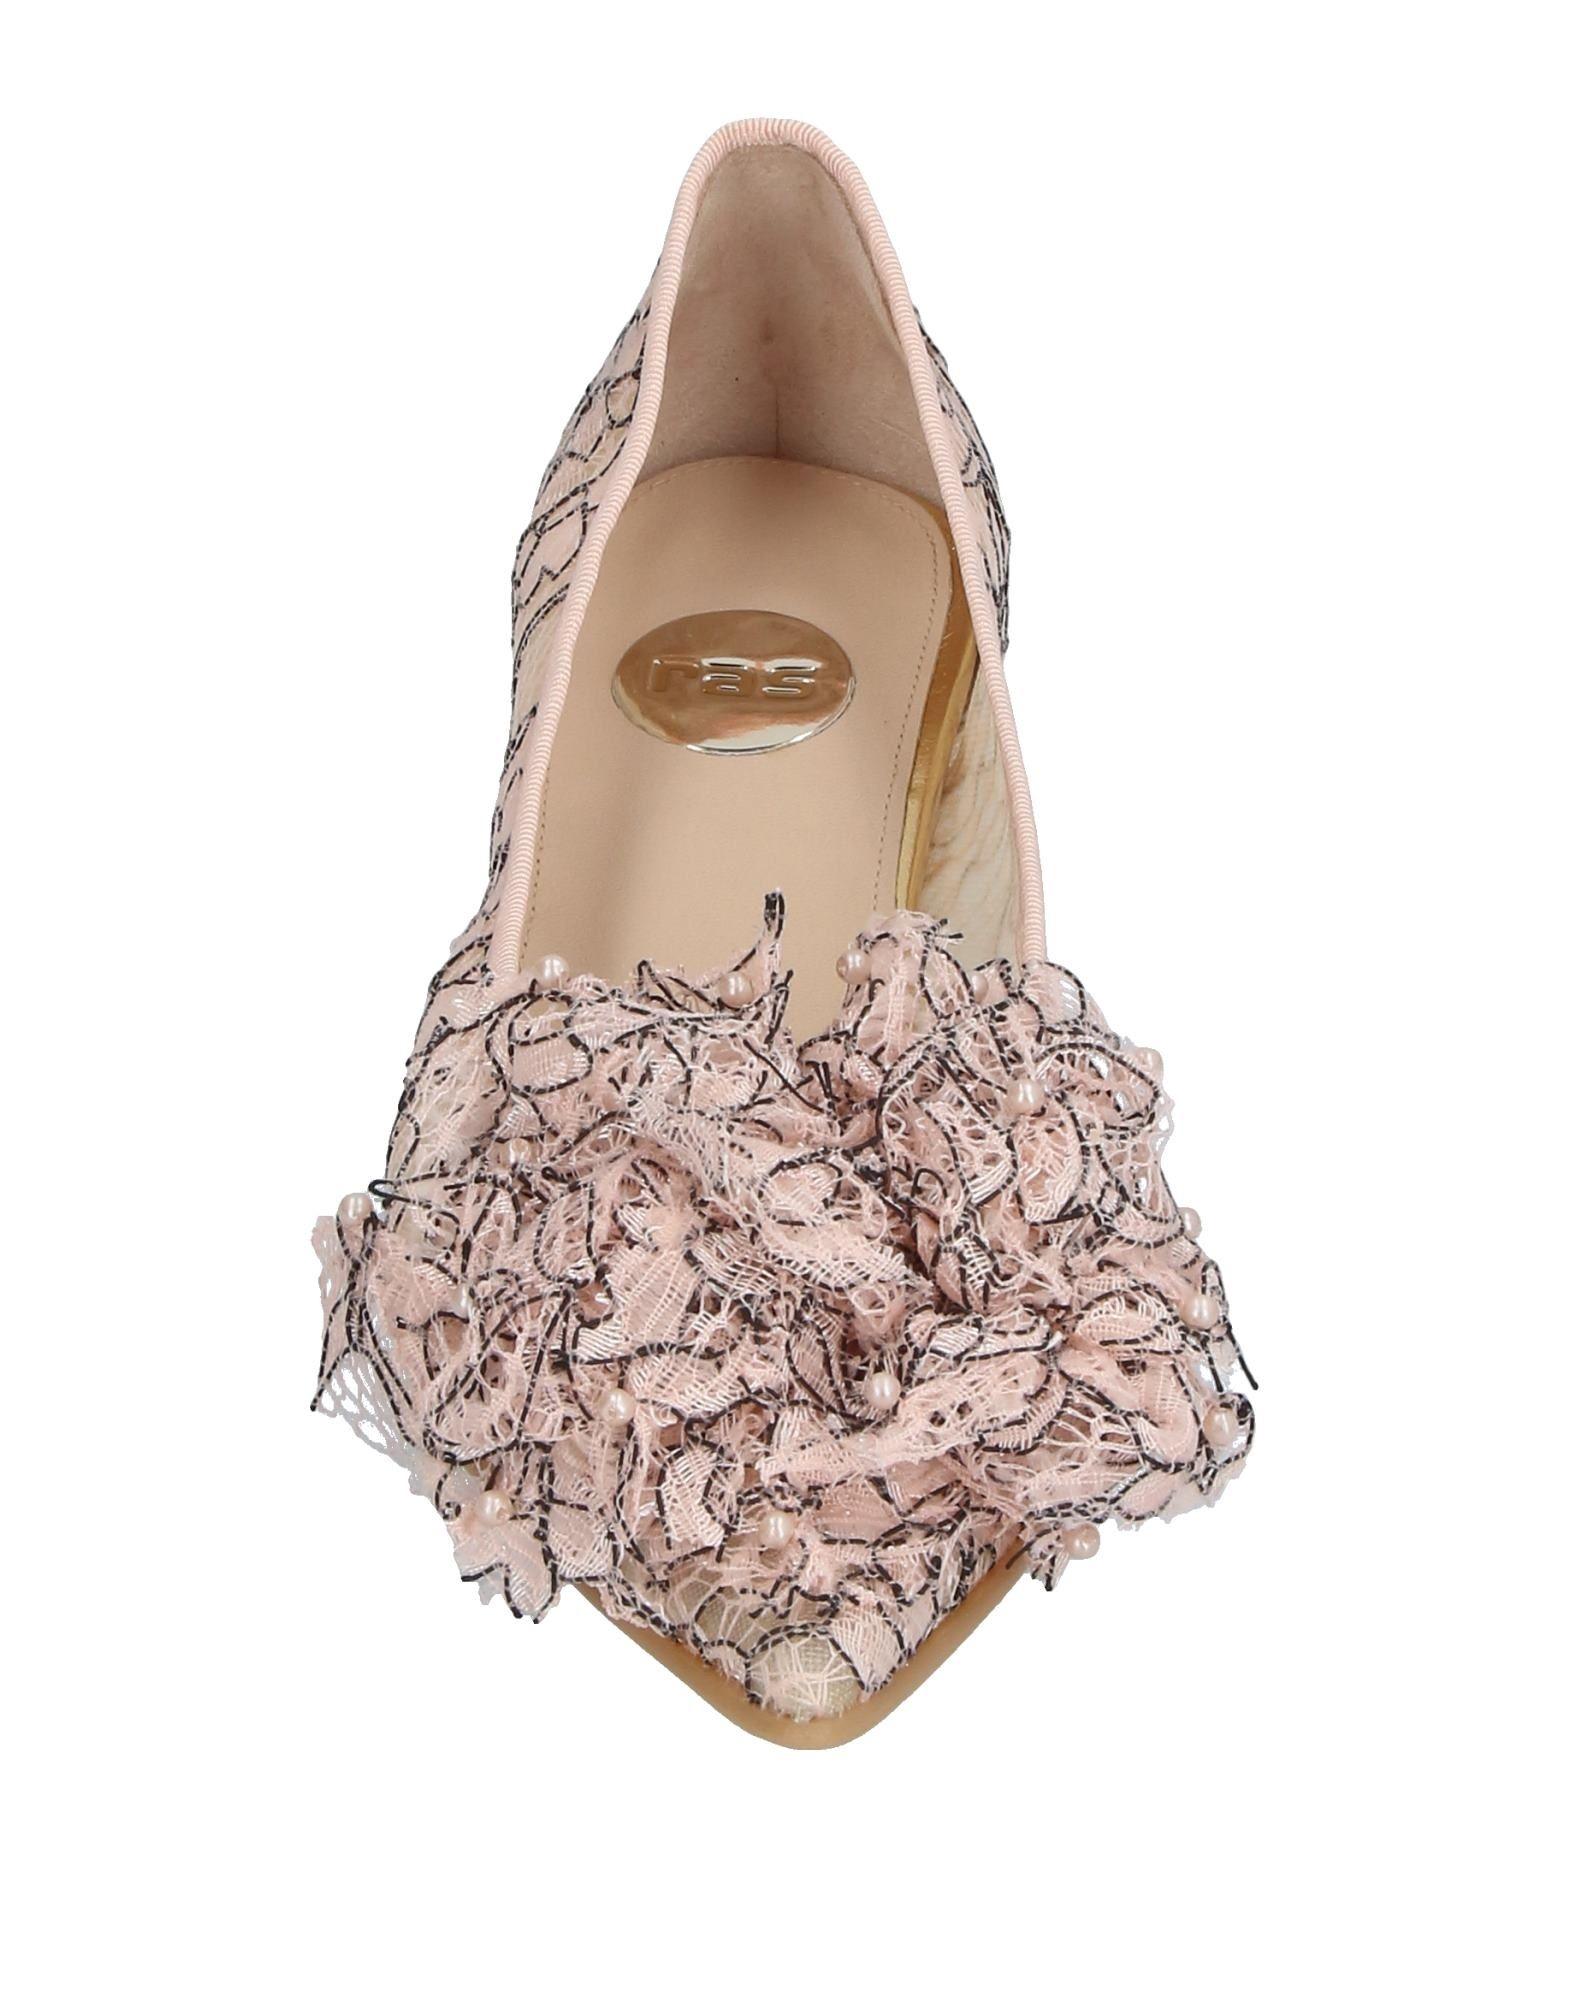 Ras es Ballerinas Damen Gutes Preis-Leistungs-Verhältnis, es Ras lohnt sich,Sonderangebot-1820 8b4706